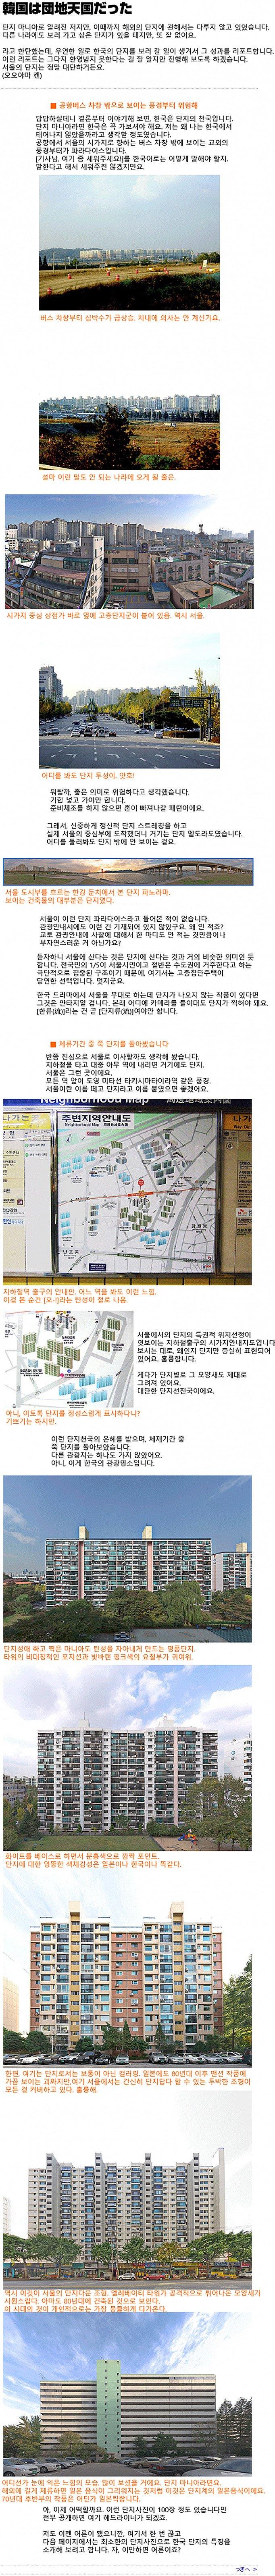 Untitled-1.jpg 서울에 푹빠진 일본 단지성애자....JPG